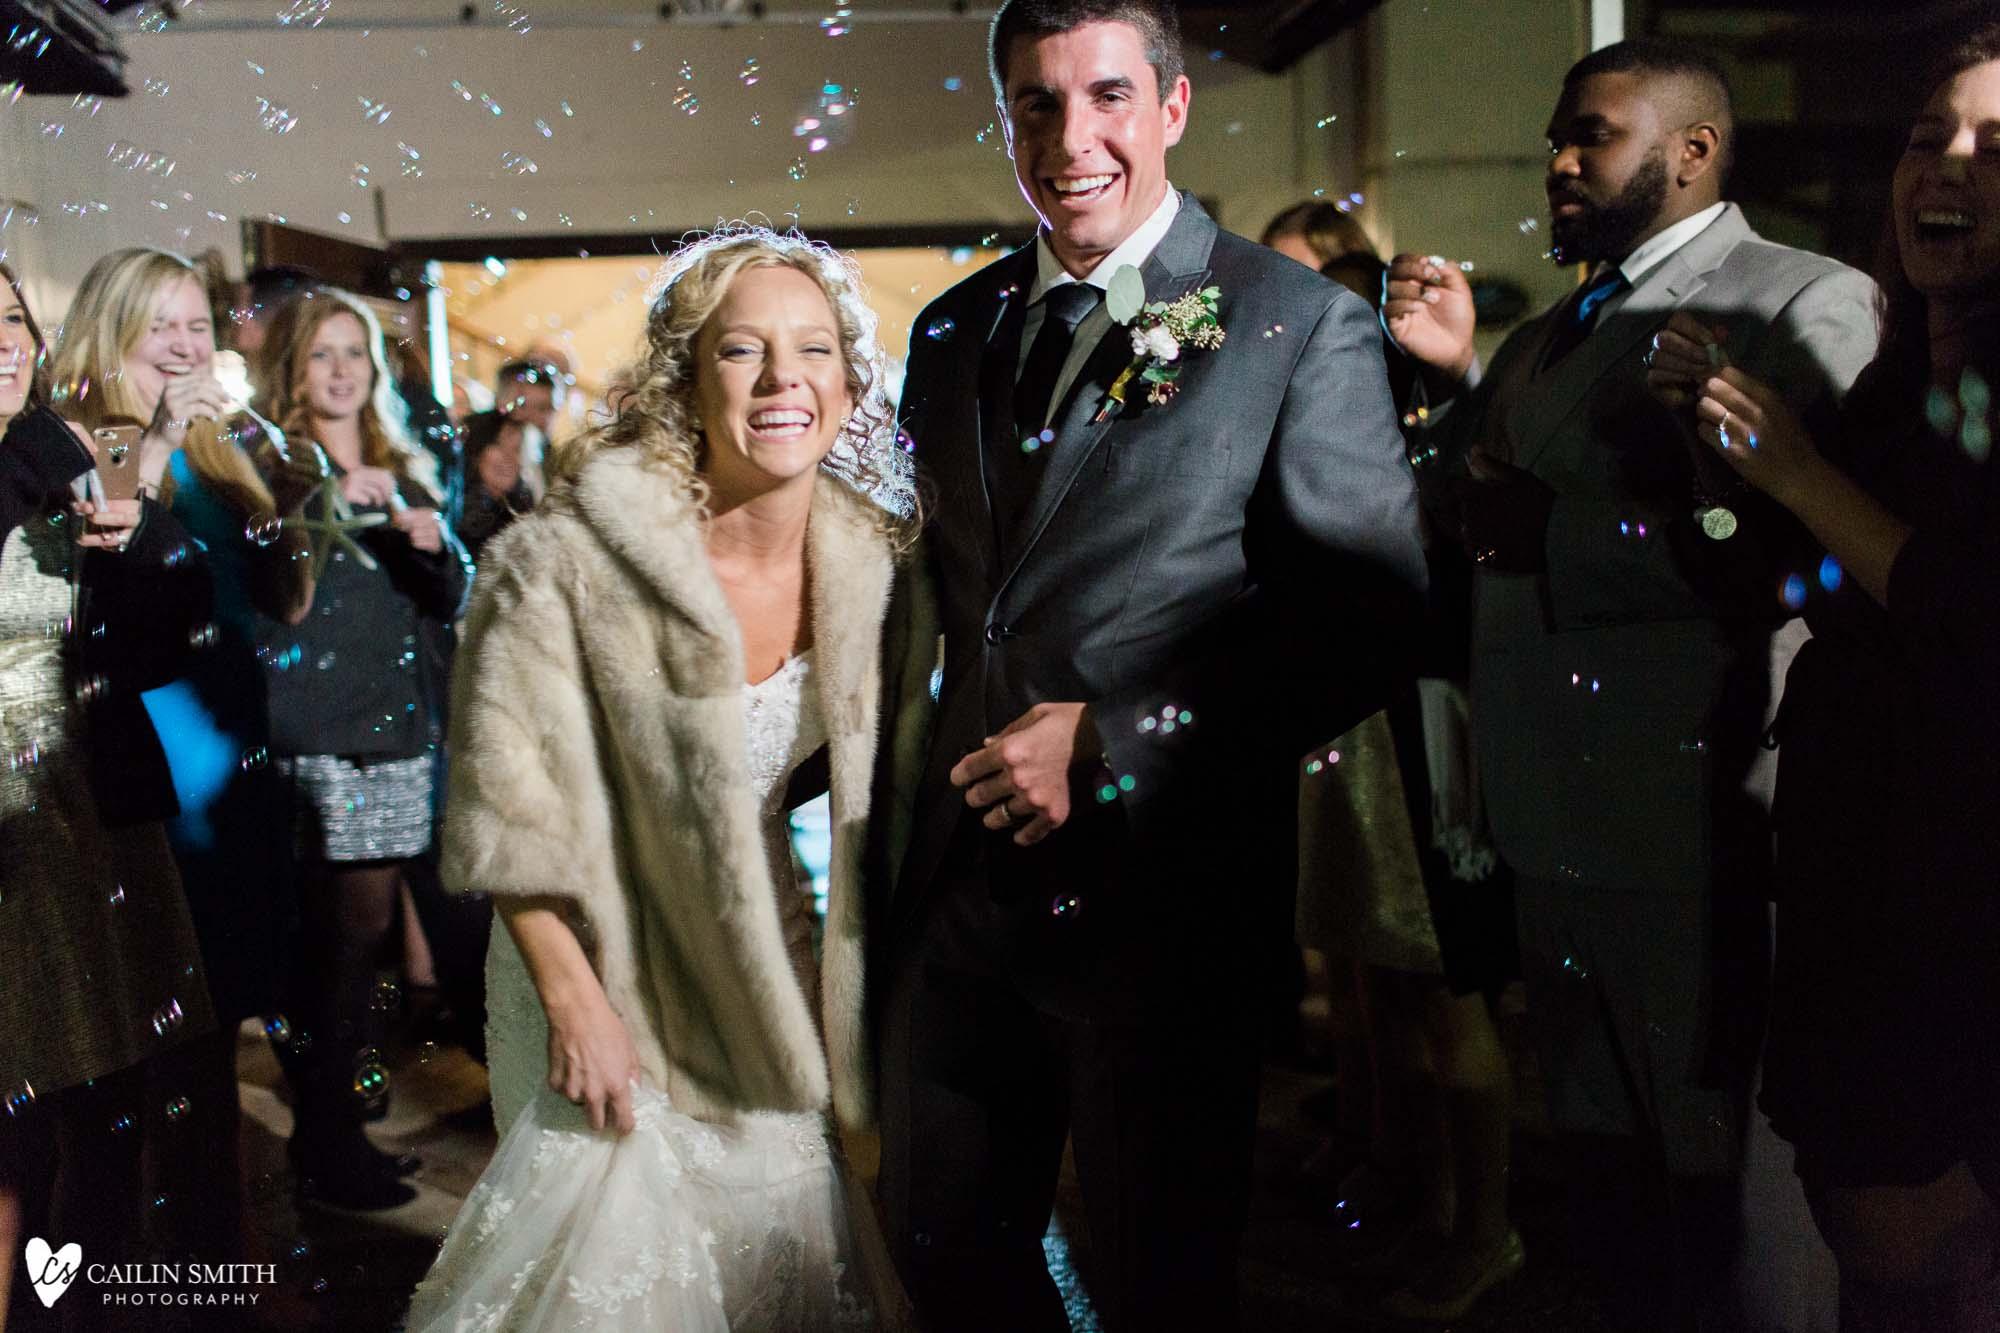 Leah_Major_St_Marys_Wedding_Photography_126.jpg